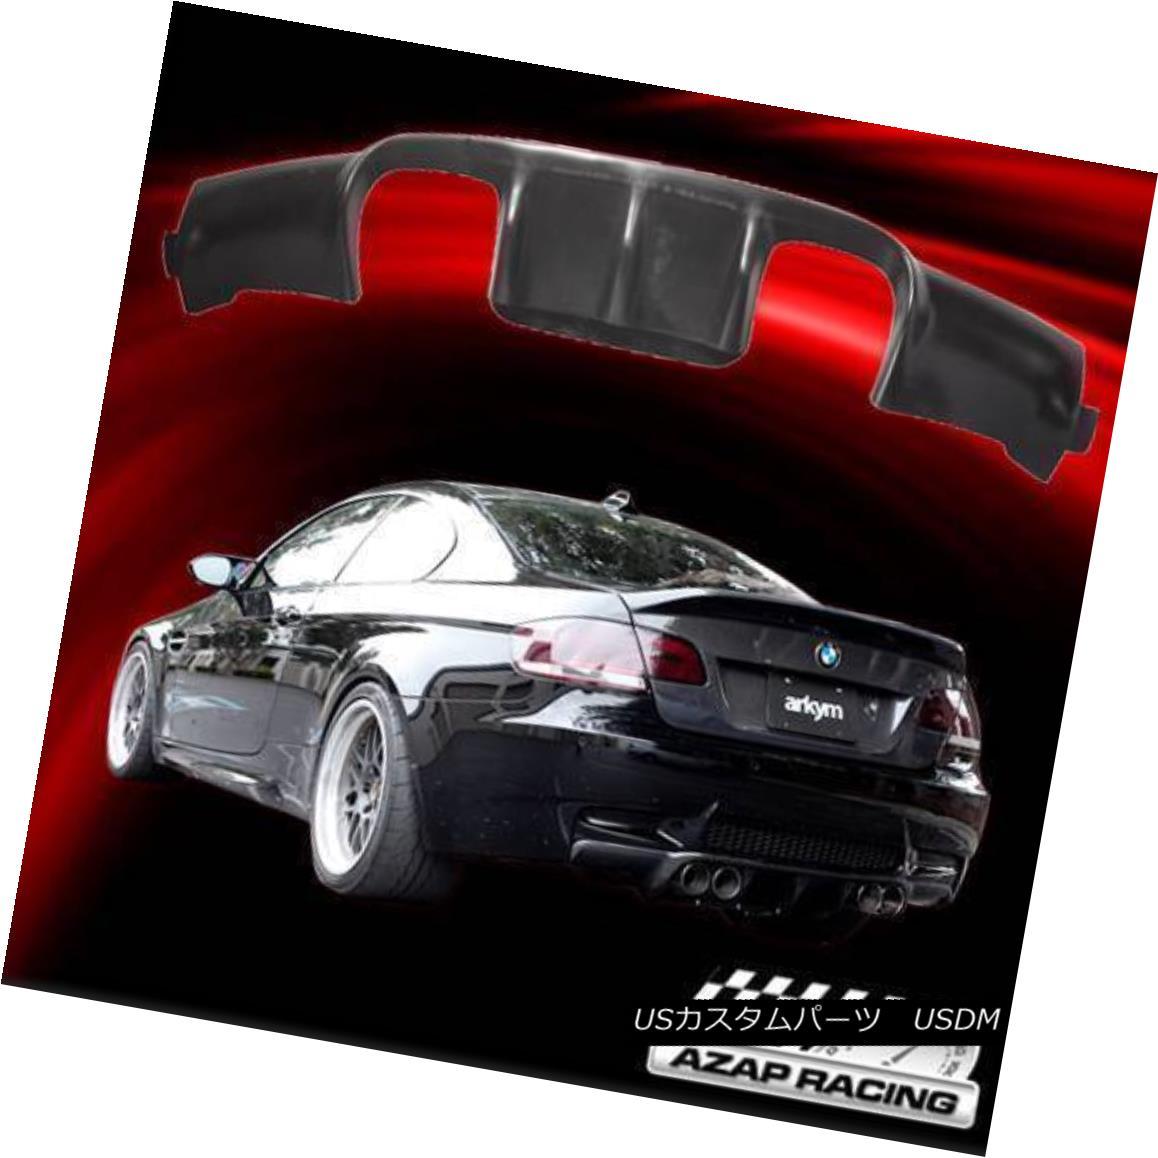 エアロパーツ 2008-2012 Black V-Style PU Urethane Rear Bumper Lip Spoiler Bodykit Fits BMW M3 2008-2012ブラックV型PUウレタンリヤバンパーリップスポイラーボディキットはBMW M3に適合